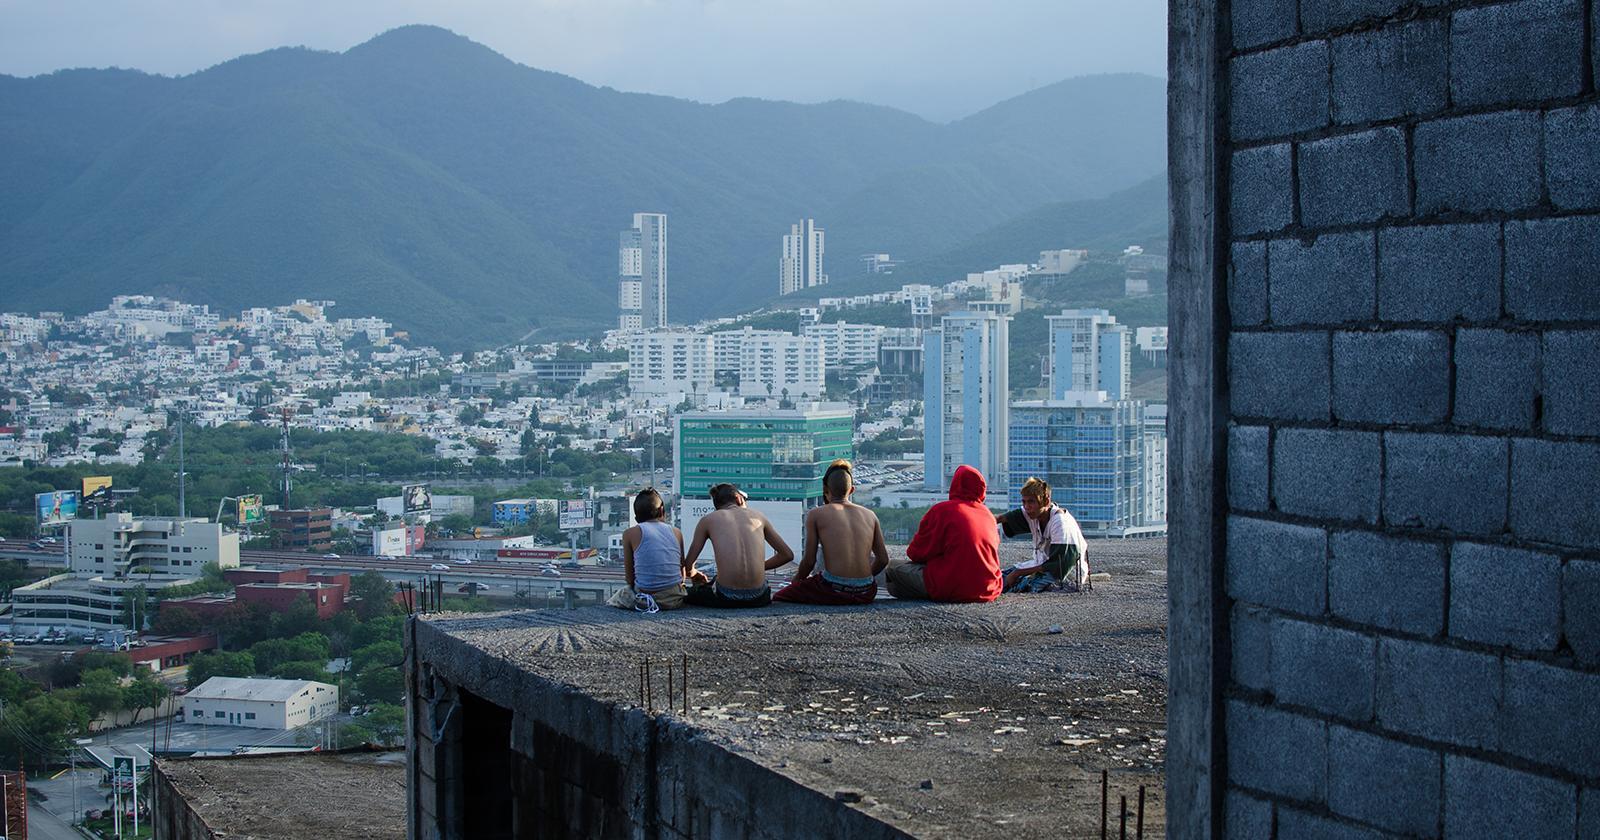 Ulises y sus amigos de espaldas, sentados en una construcción aparentemente abandonada, mirando desde las alturas los barrios de Monterrey.